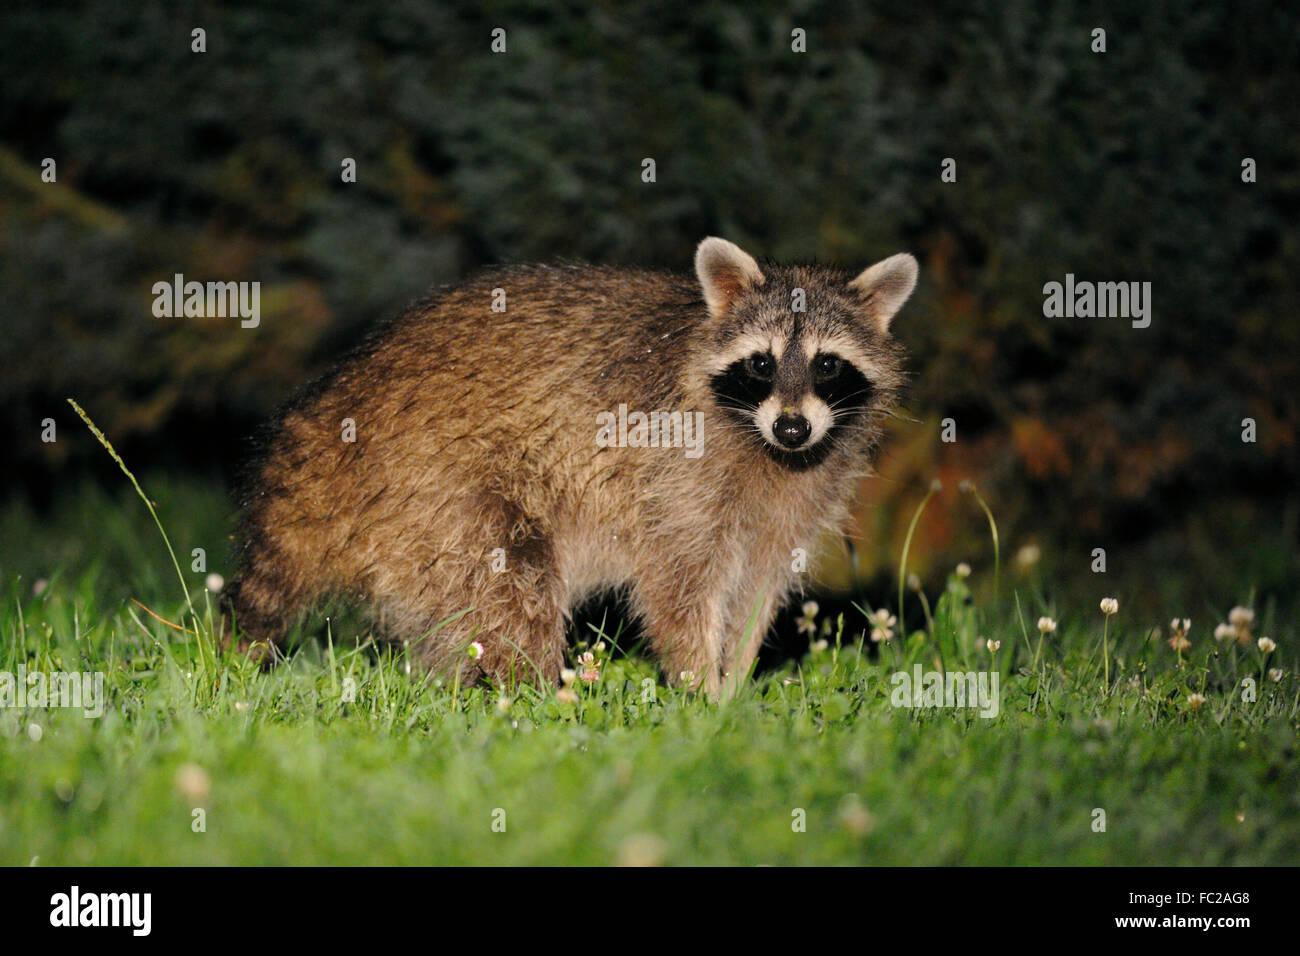 Le Raton laveur commun (Procyon lotor ) a l'air surpris, se dresse en face de quelques buissons, tard dans la Photo Stock